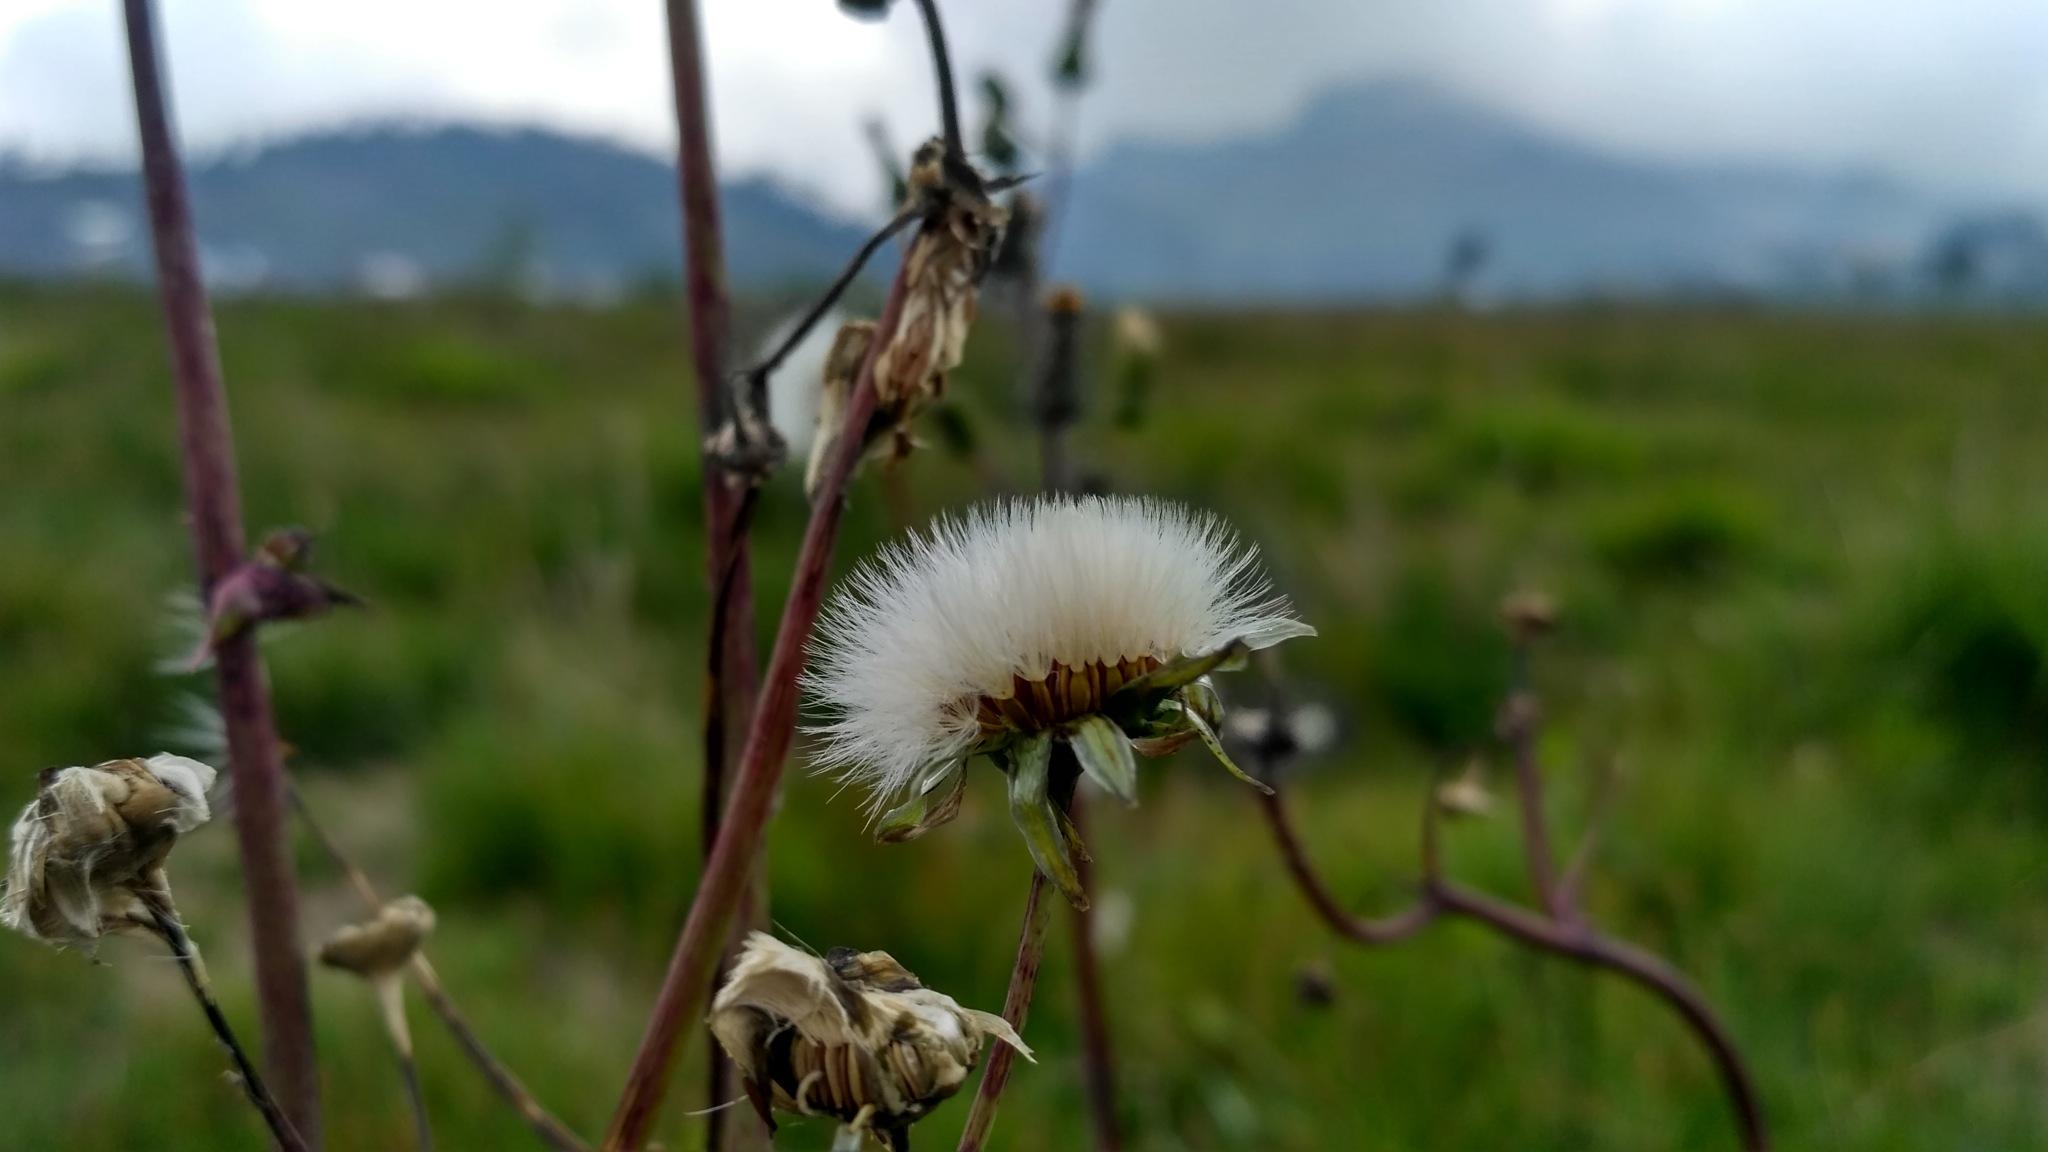 Sonchus Flower by Noviyanti Ria